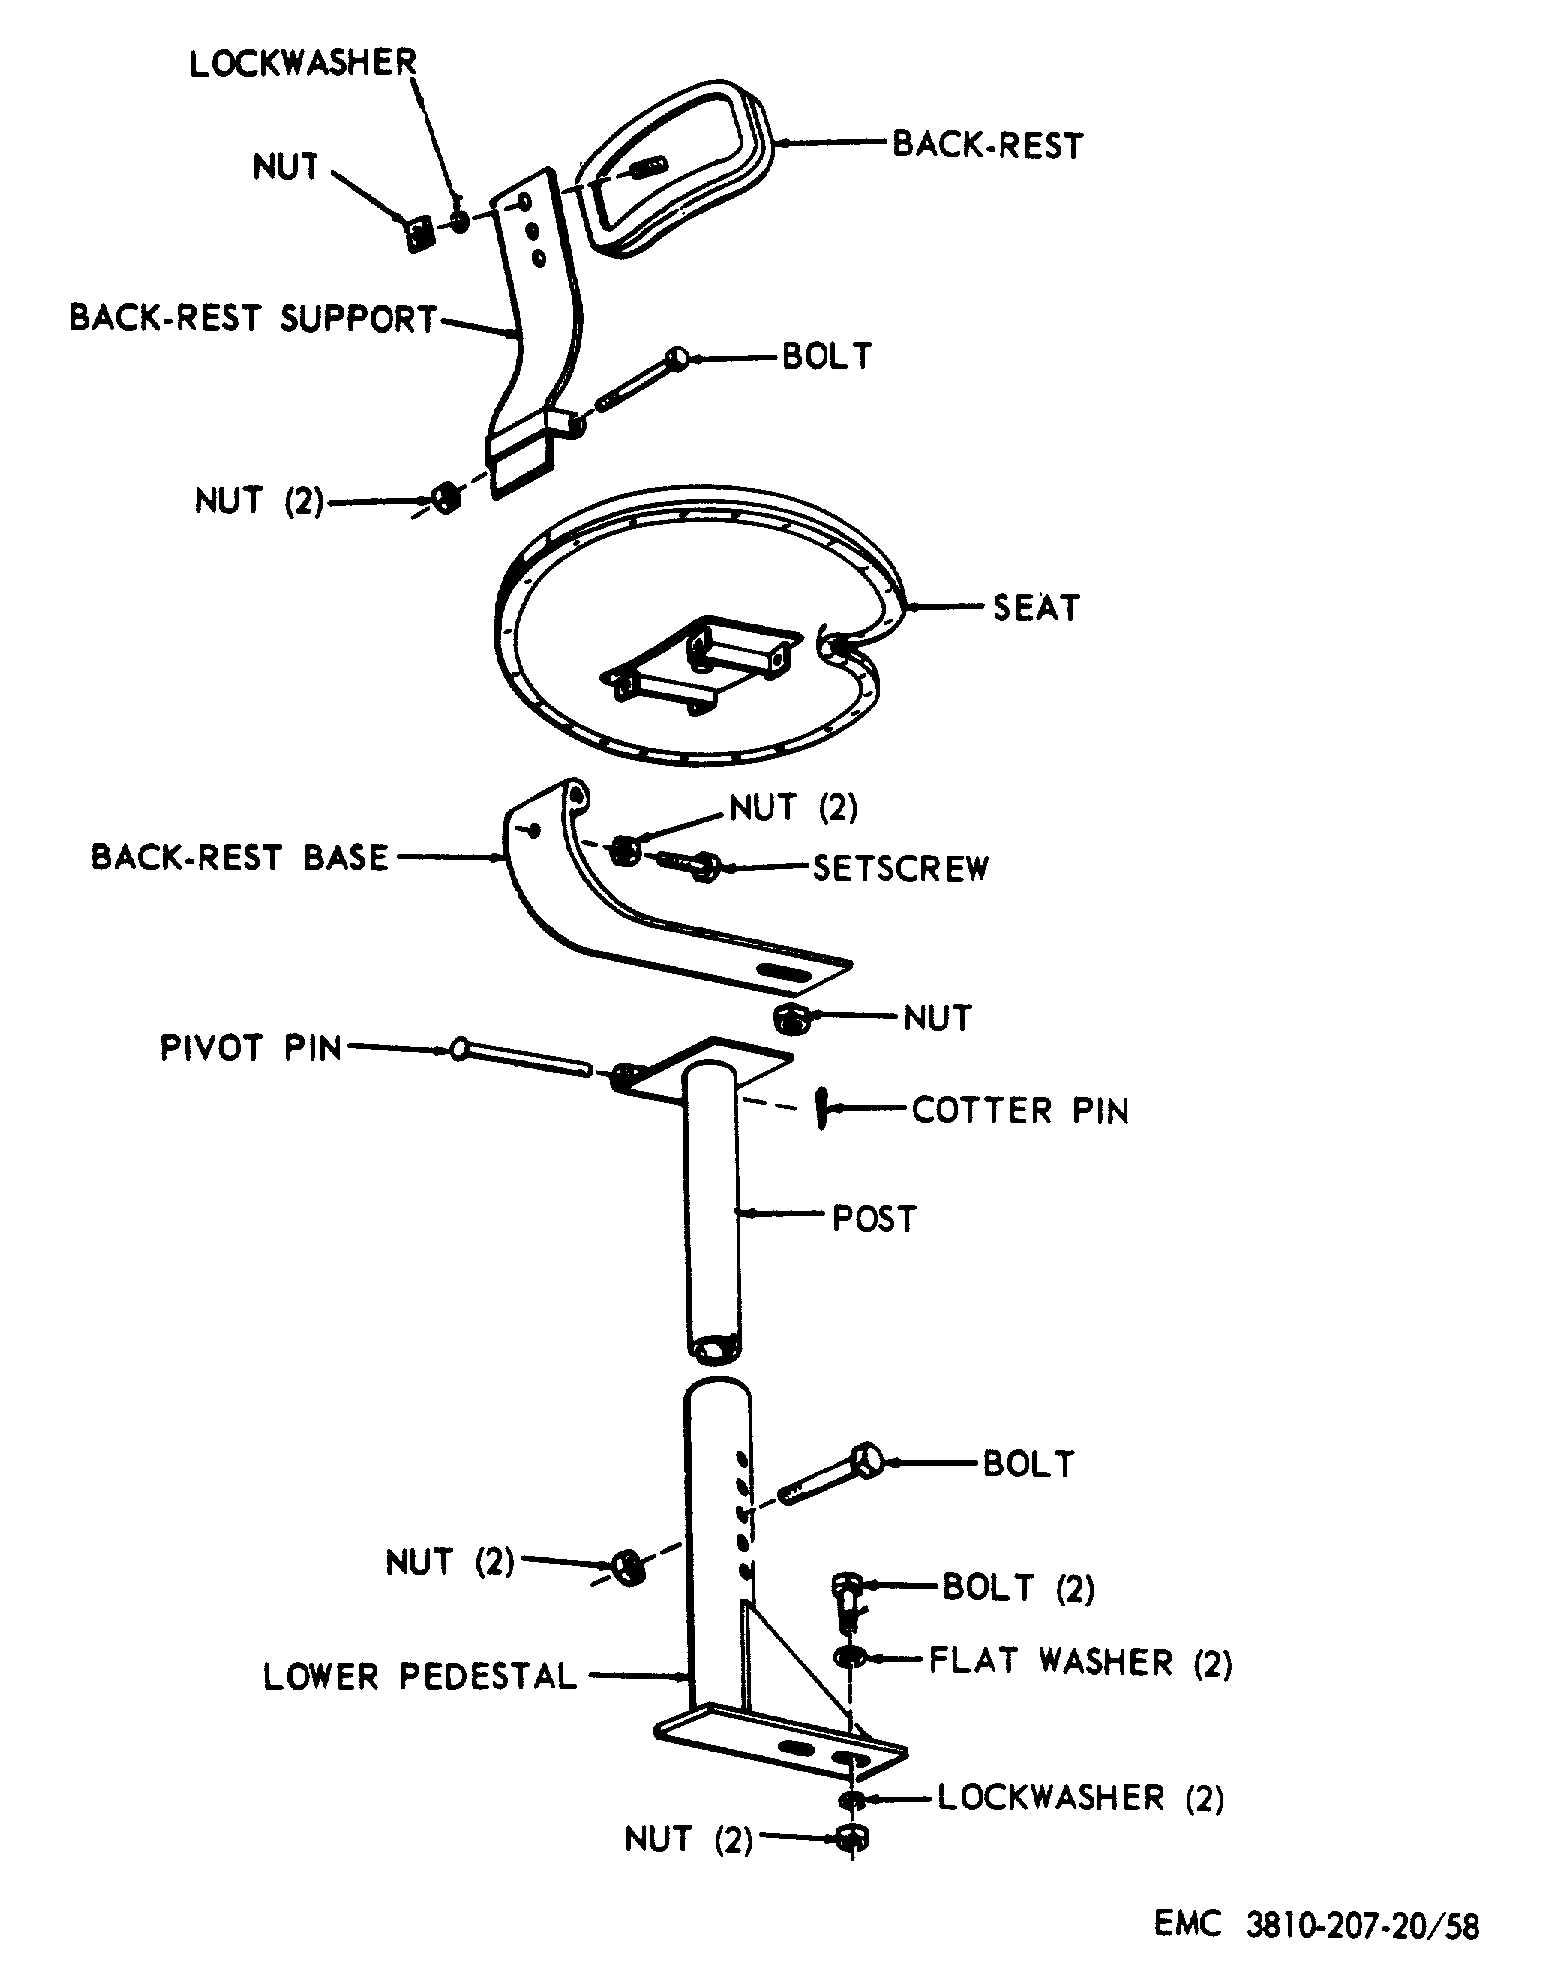 Section II. CRANE HYDRAULIC SYSTEM